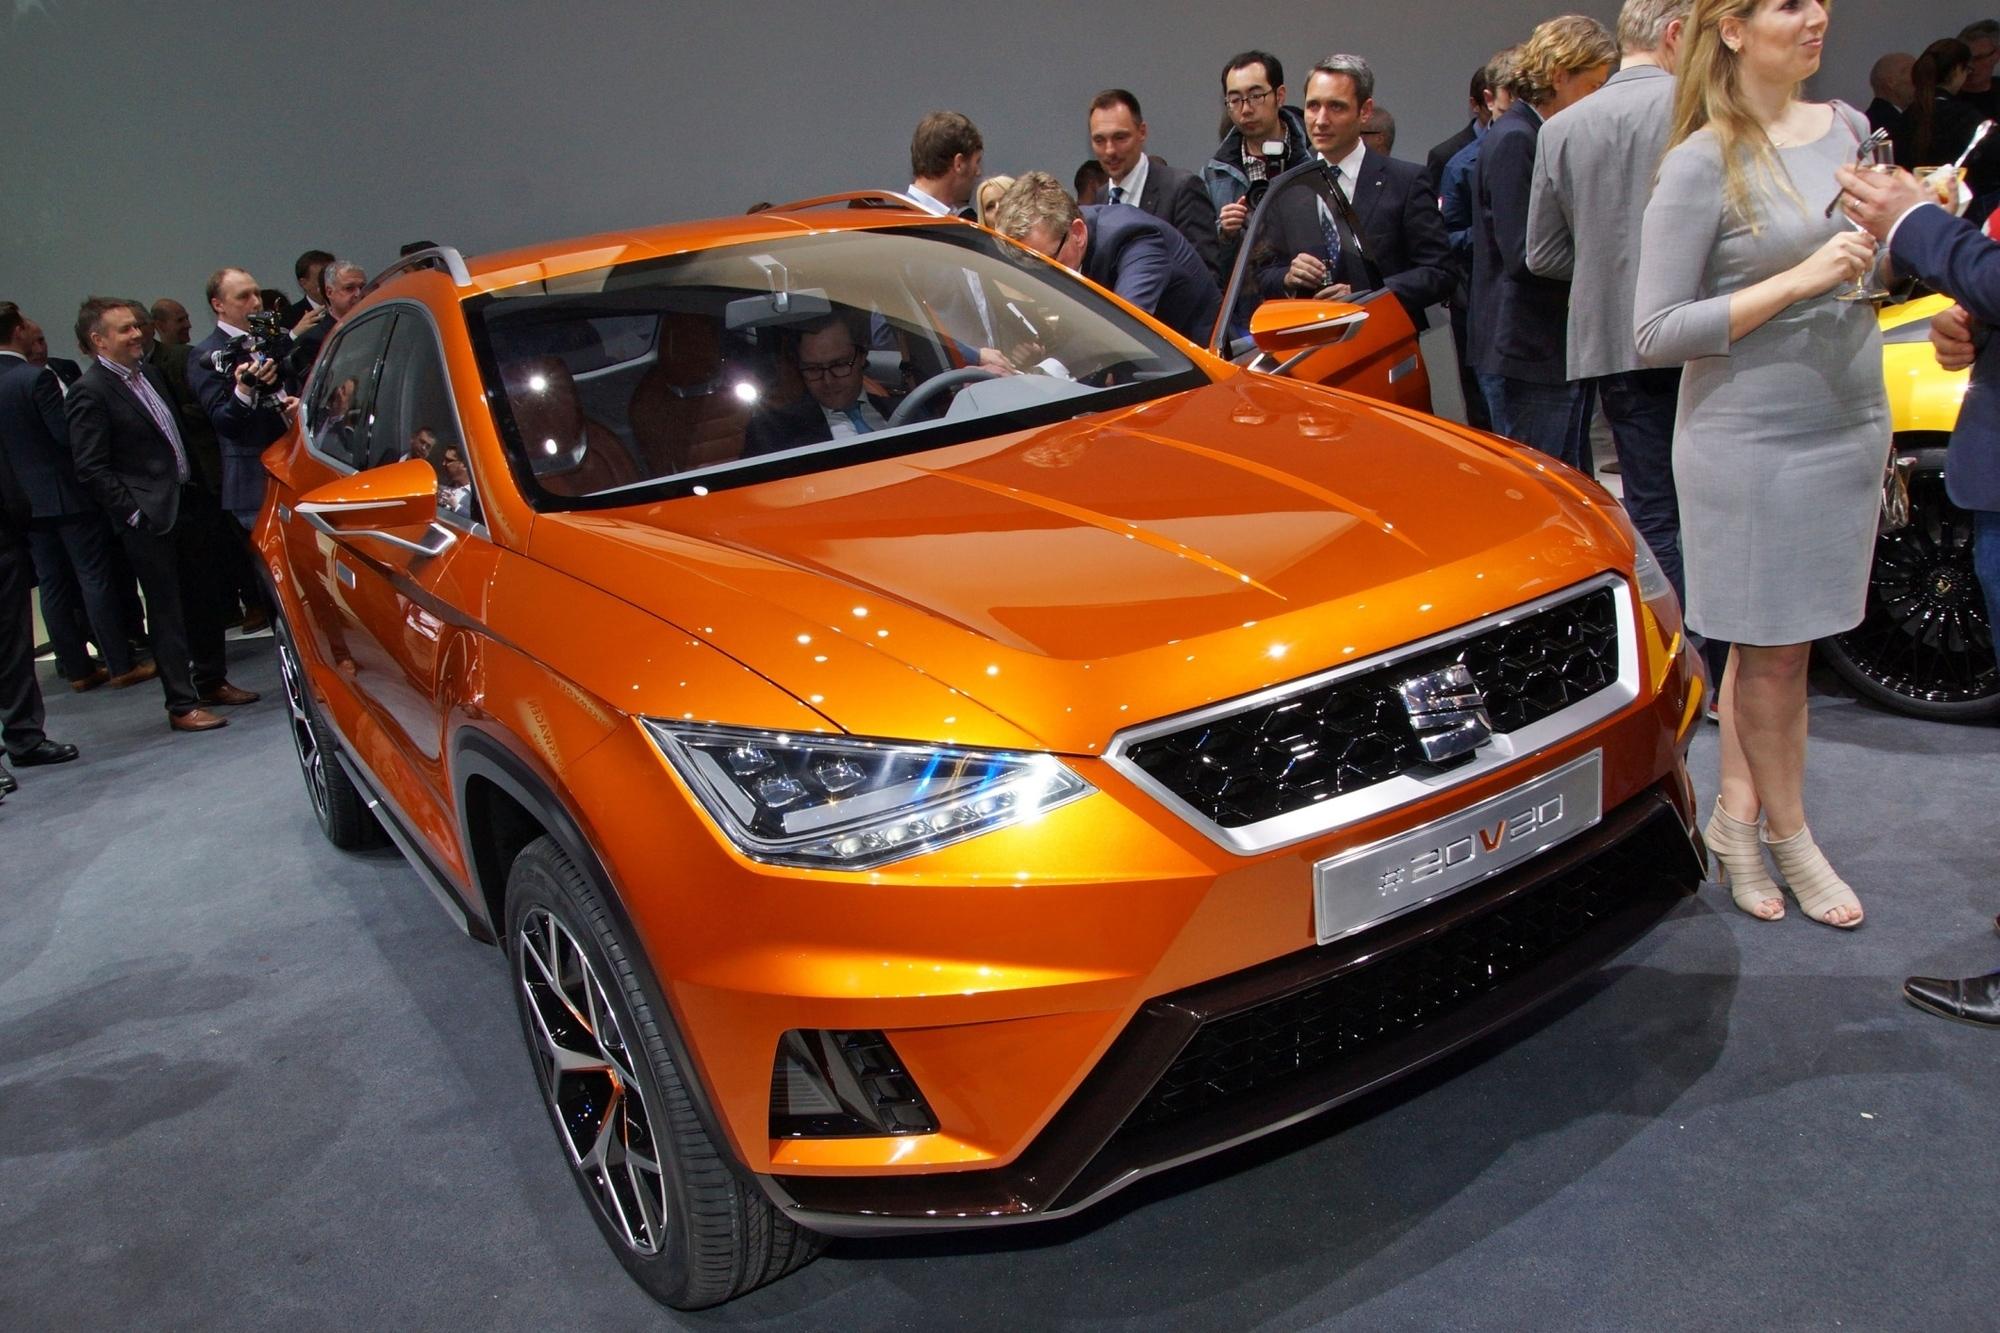 Konzept-Fahrzeuge auf dem Genfer Salon - Gar nicht mal so abgehoben